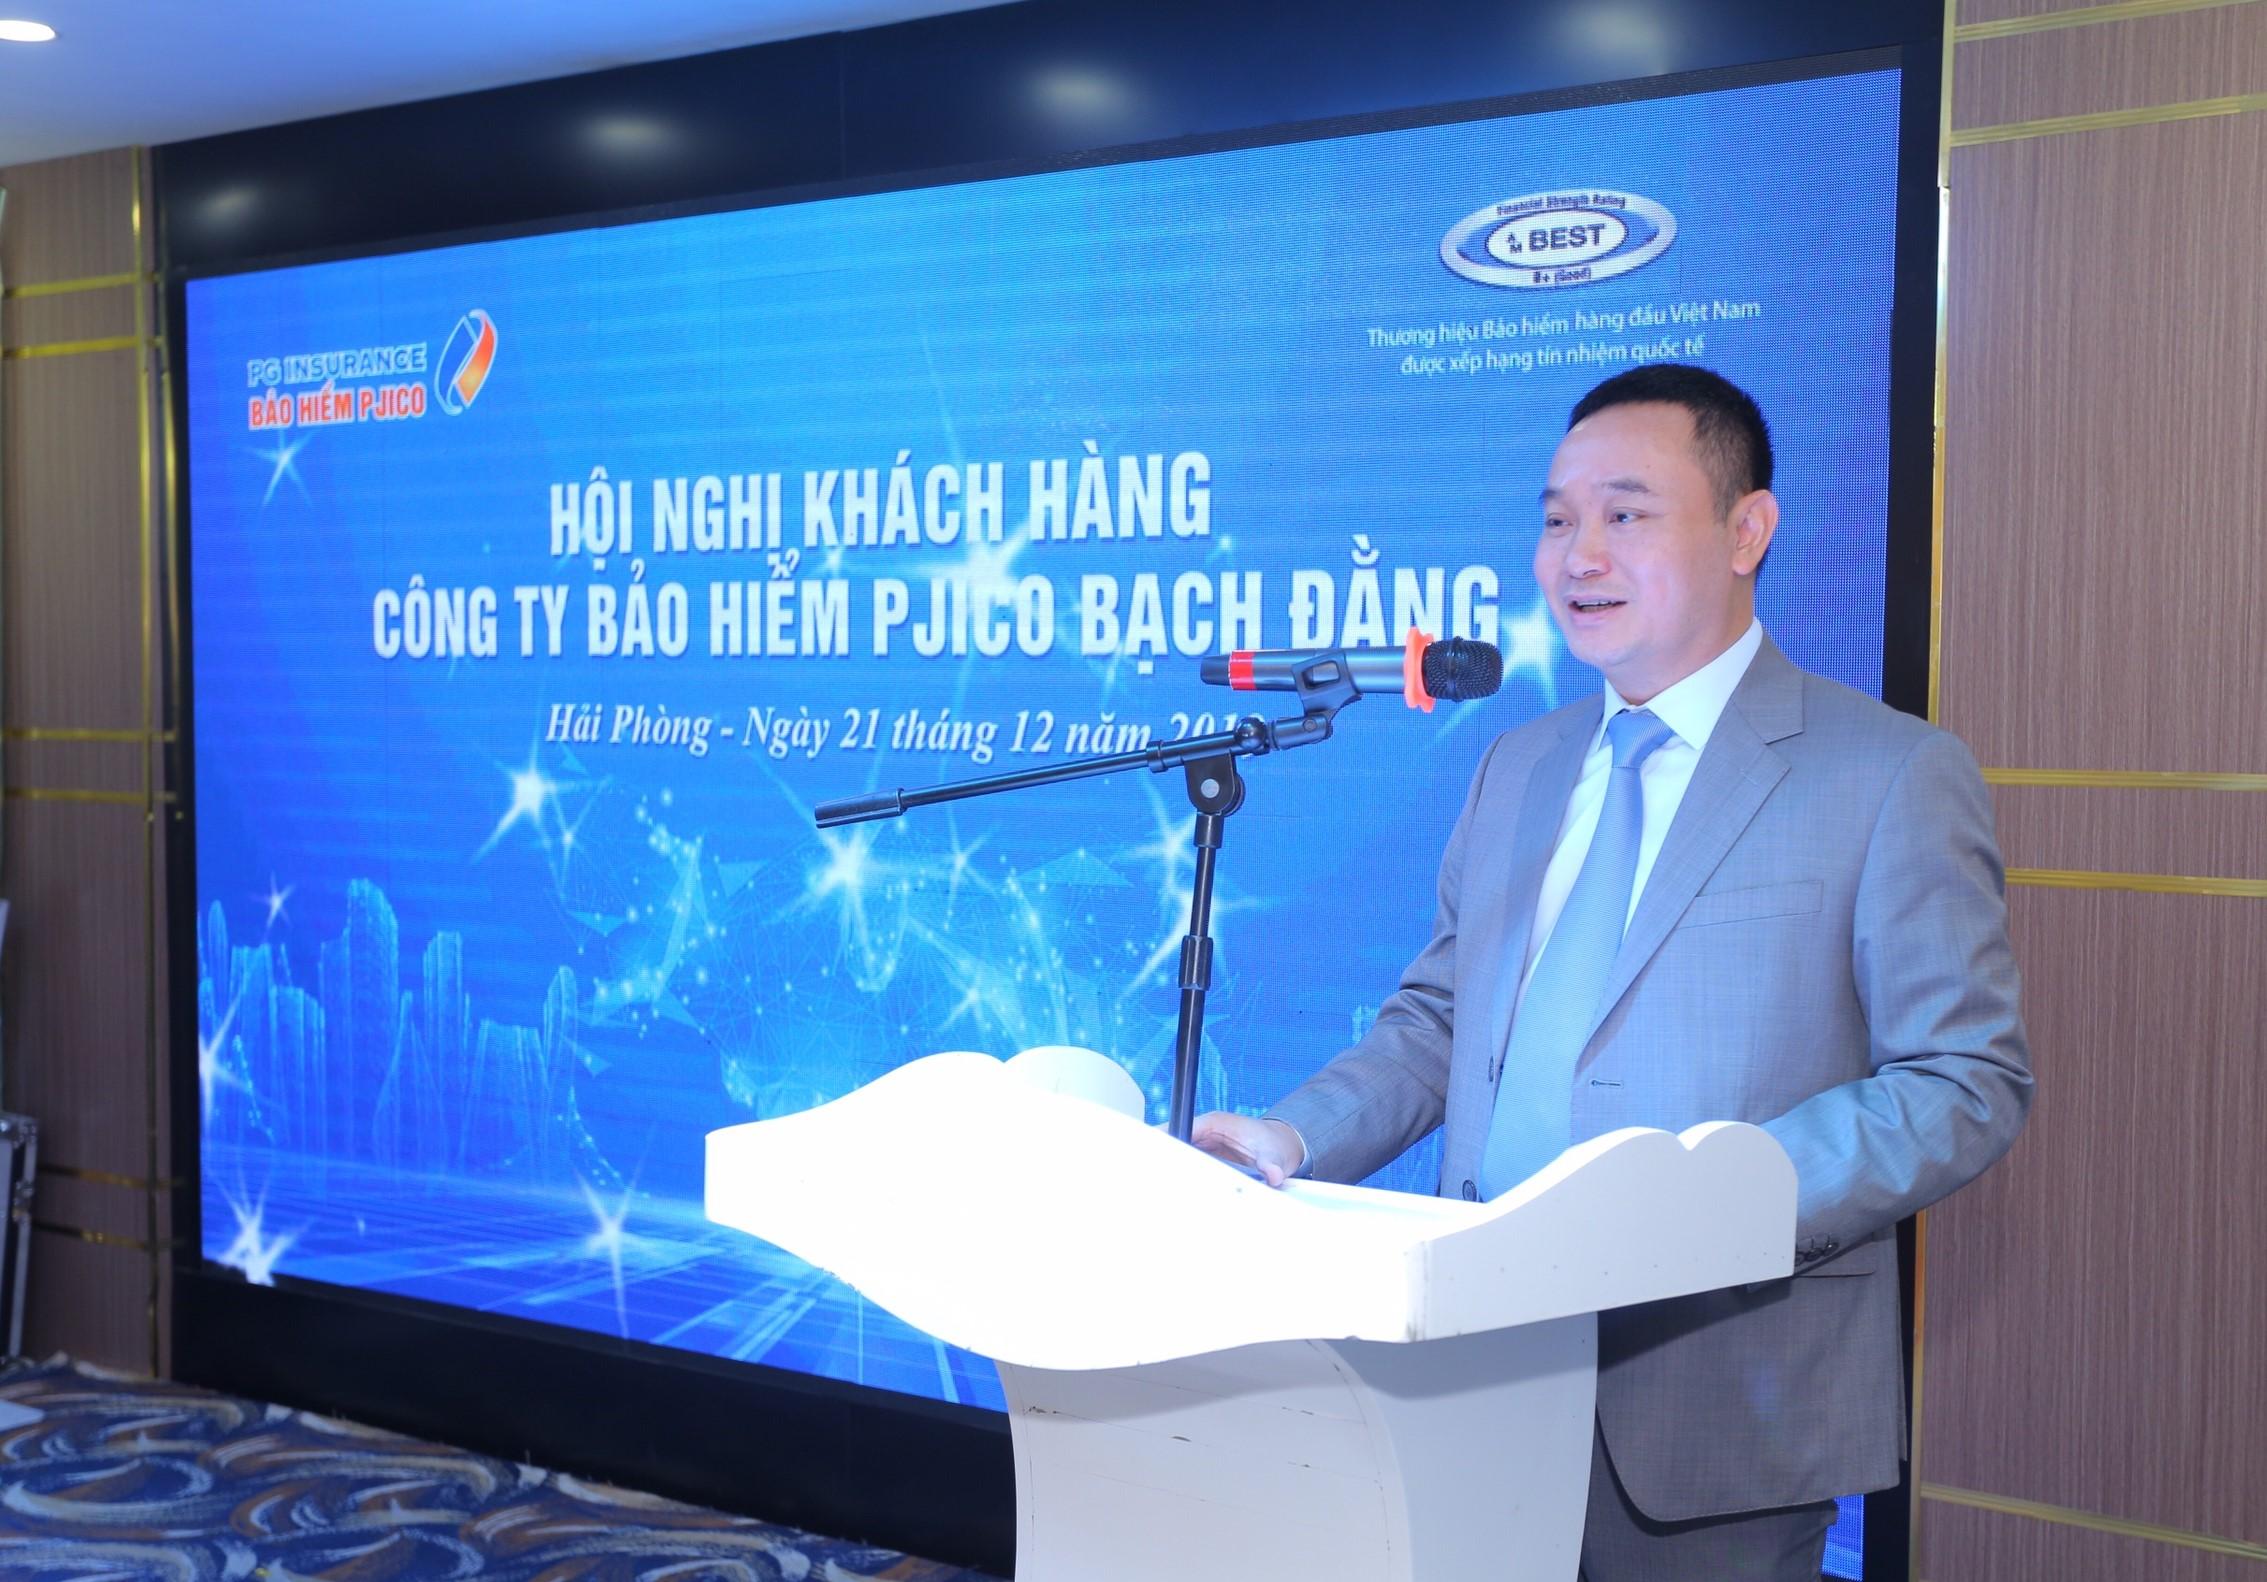 PJICO tổ chức Hội nghị khách hàng tại Hải Phòng